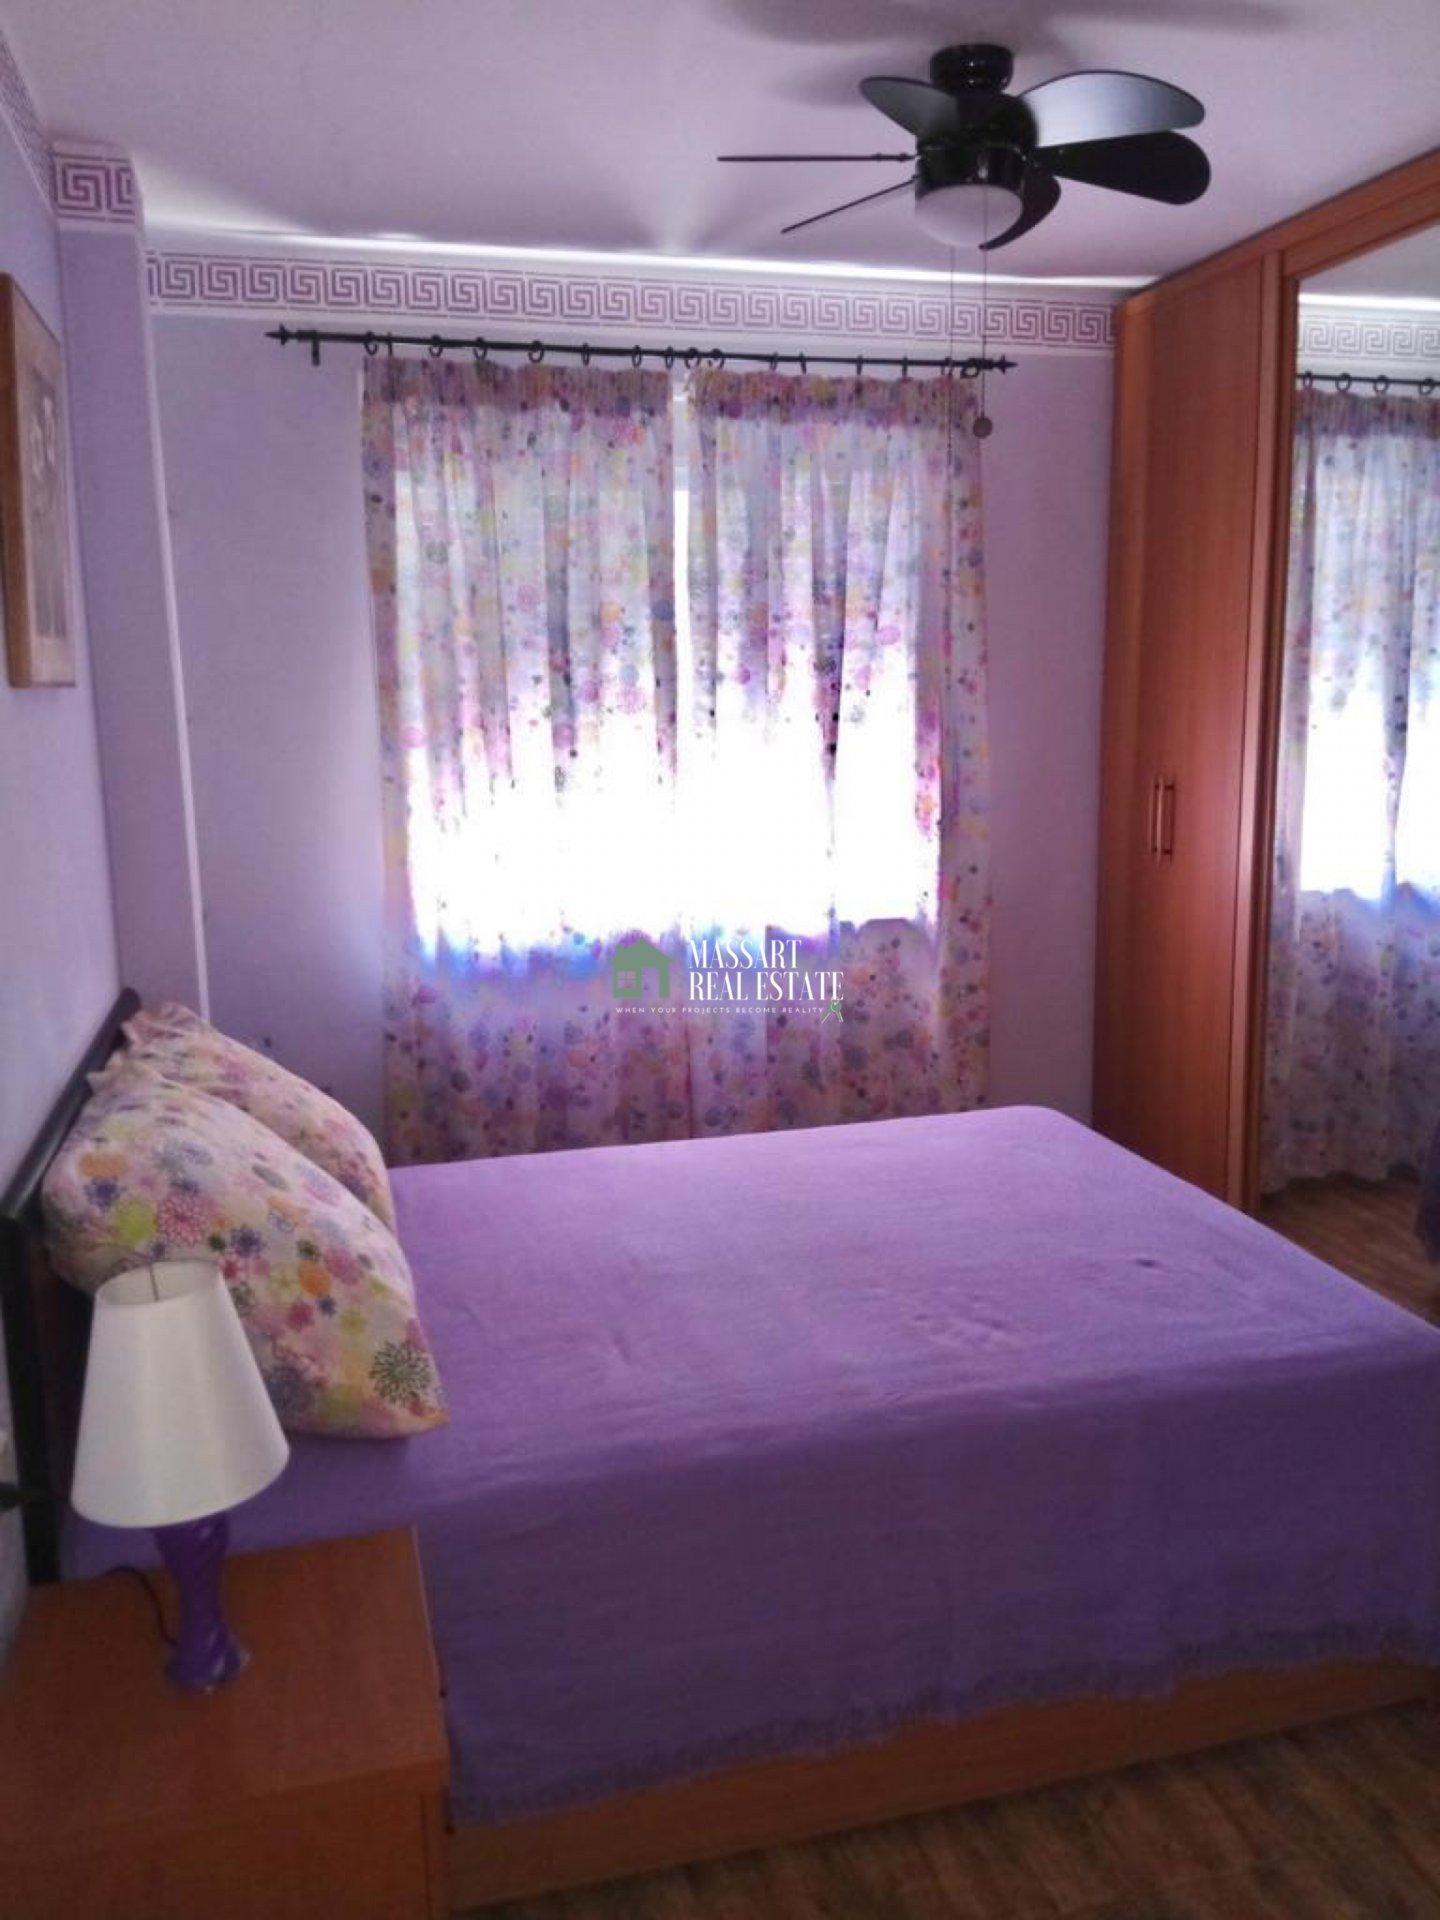 Dúplex de 114 m2 completamente amueblado ubicado en el hermoso pueblo costero de El Médano…¡privacidad y tranquilidad garantizada en familia!